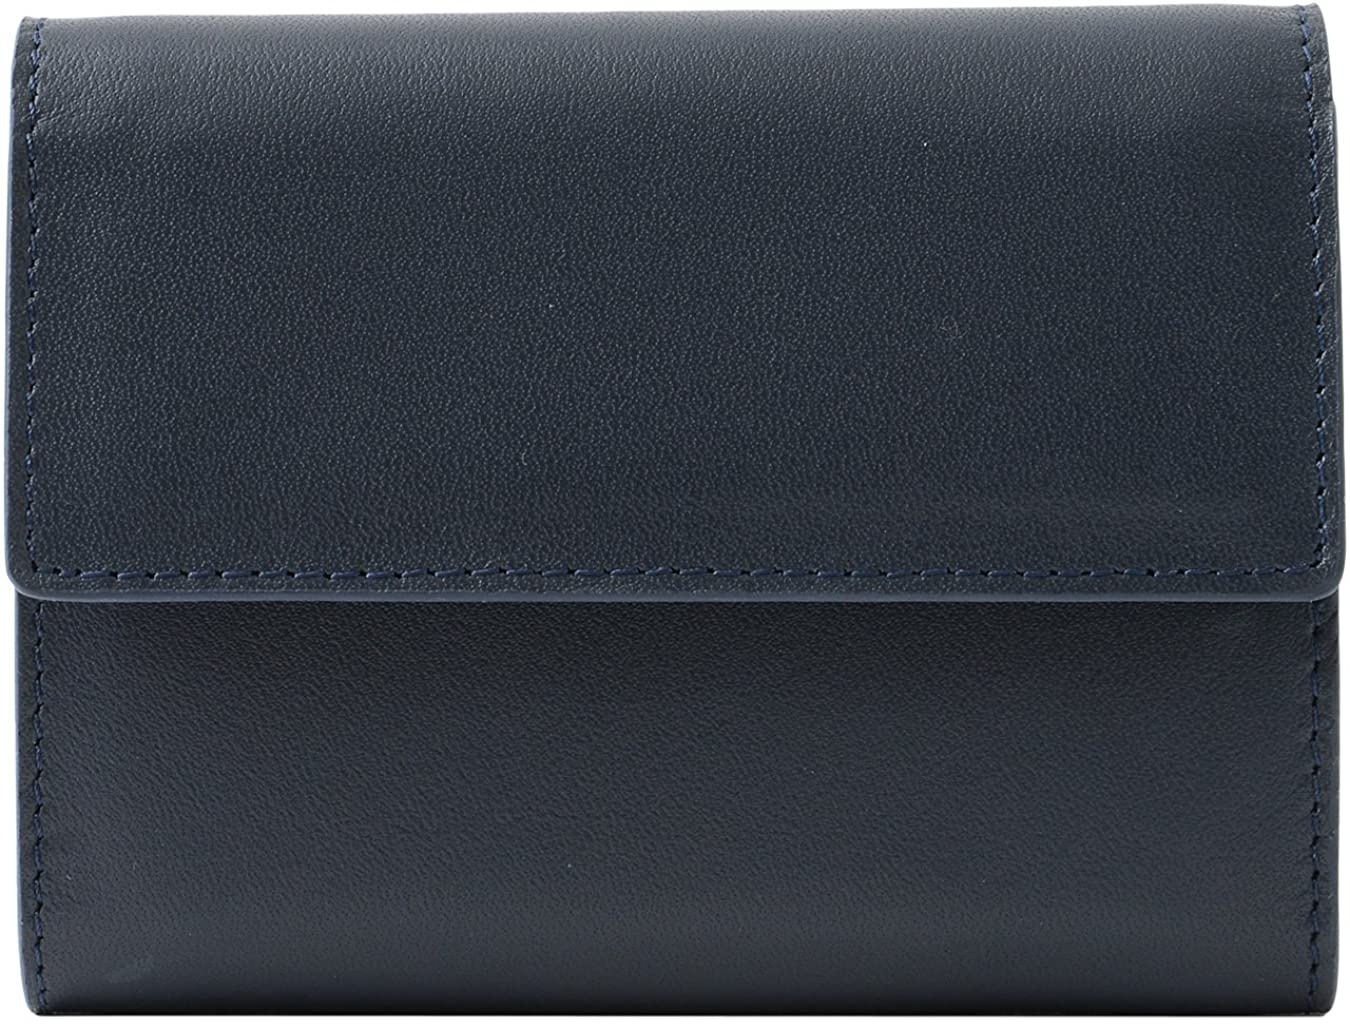 消費ホラー指紋[BlissLeather] 本革 カウレザー コンパクト 三つ折り財布 ボックス 付き 牛革 10132